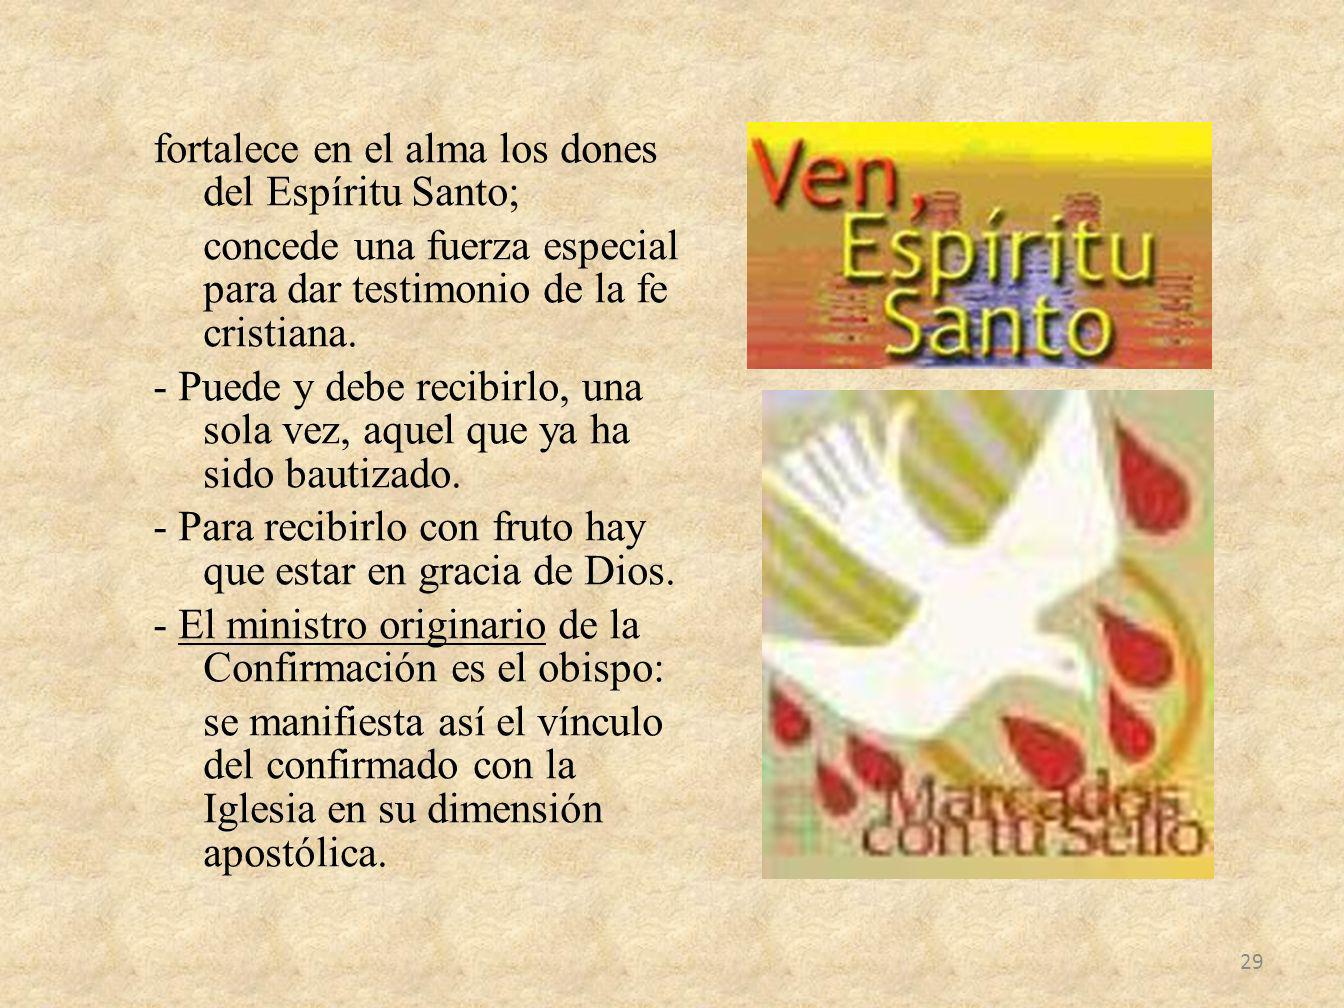 fortalece en el alma los dones del Espíritu Santo; concede una fuerza especial para dar testimonio de la fe cristiana.